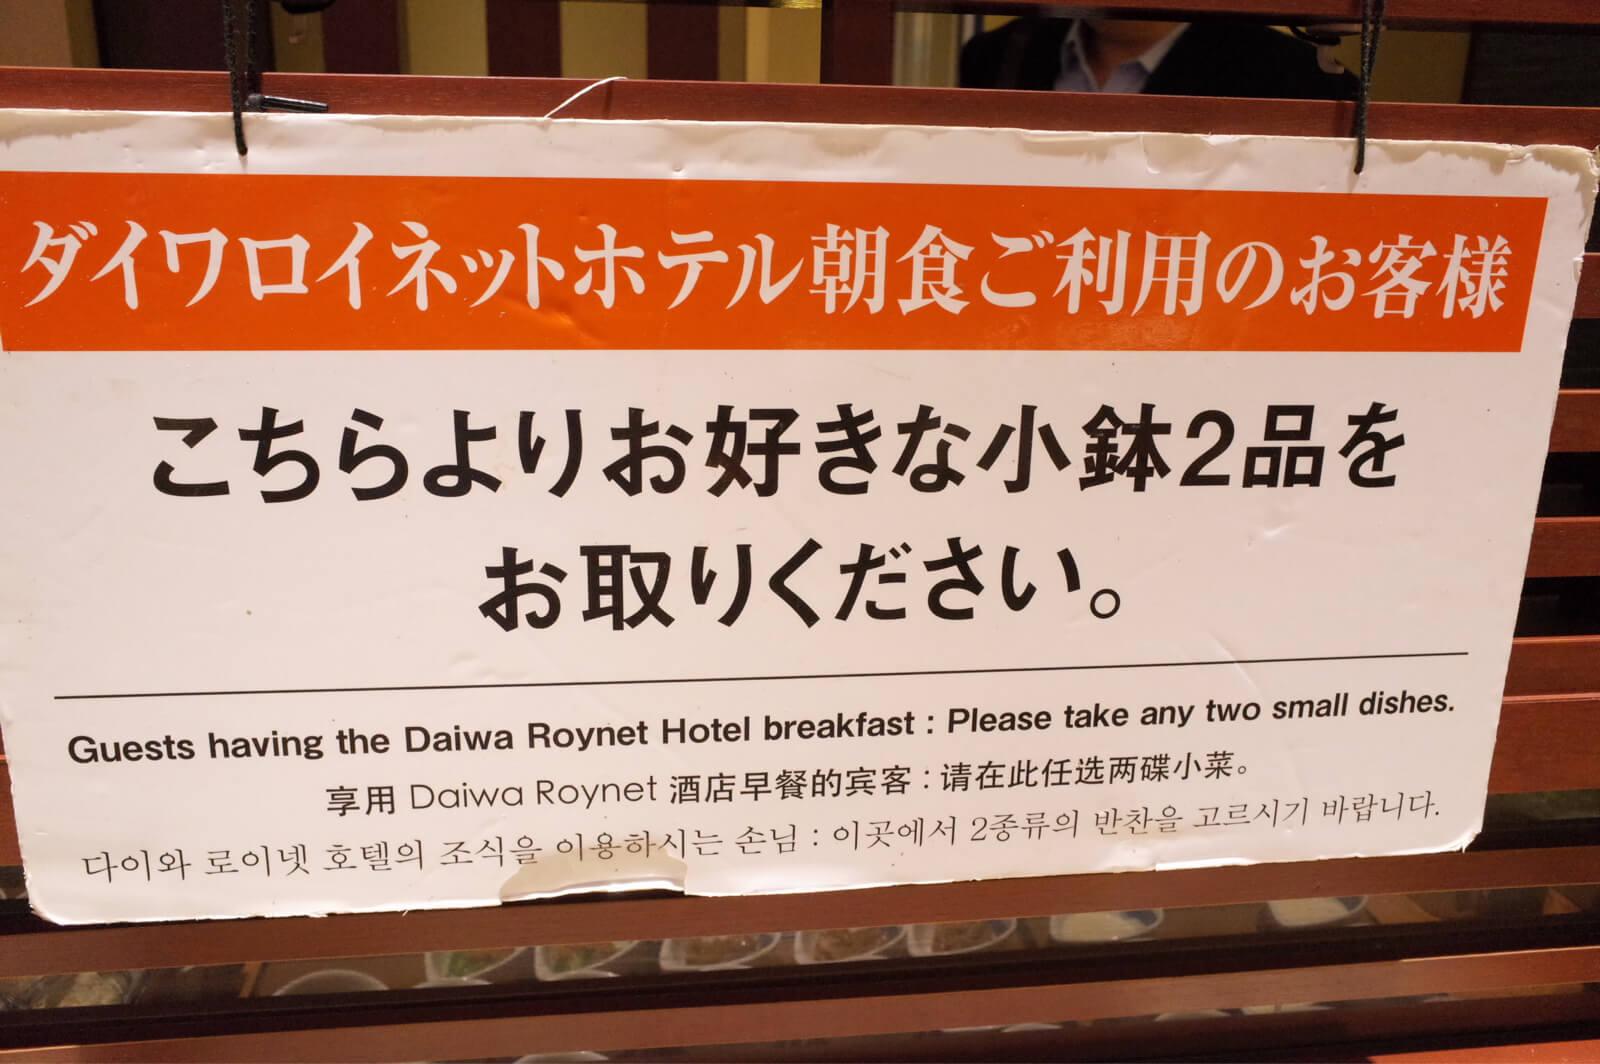 ダイワロイネット 大阪上本町 小鉢二皿